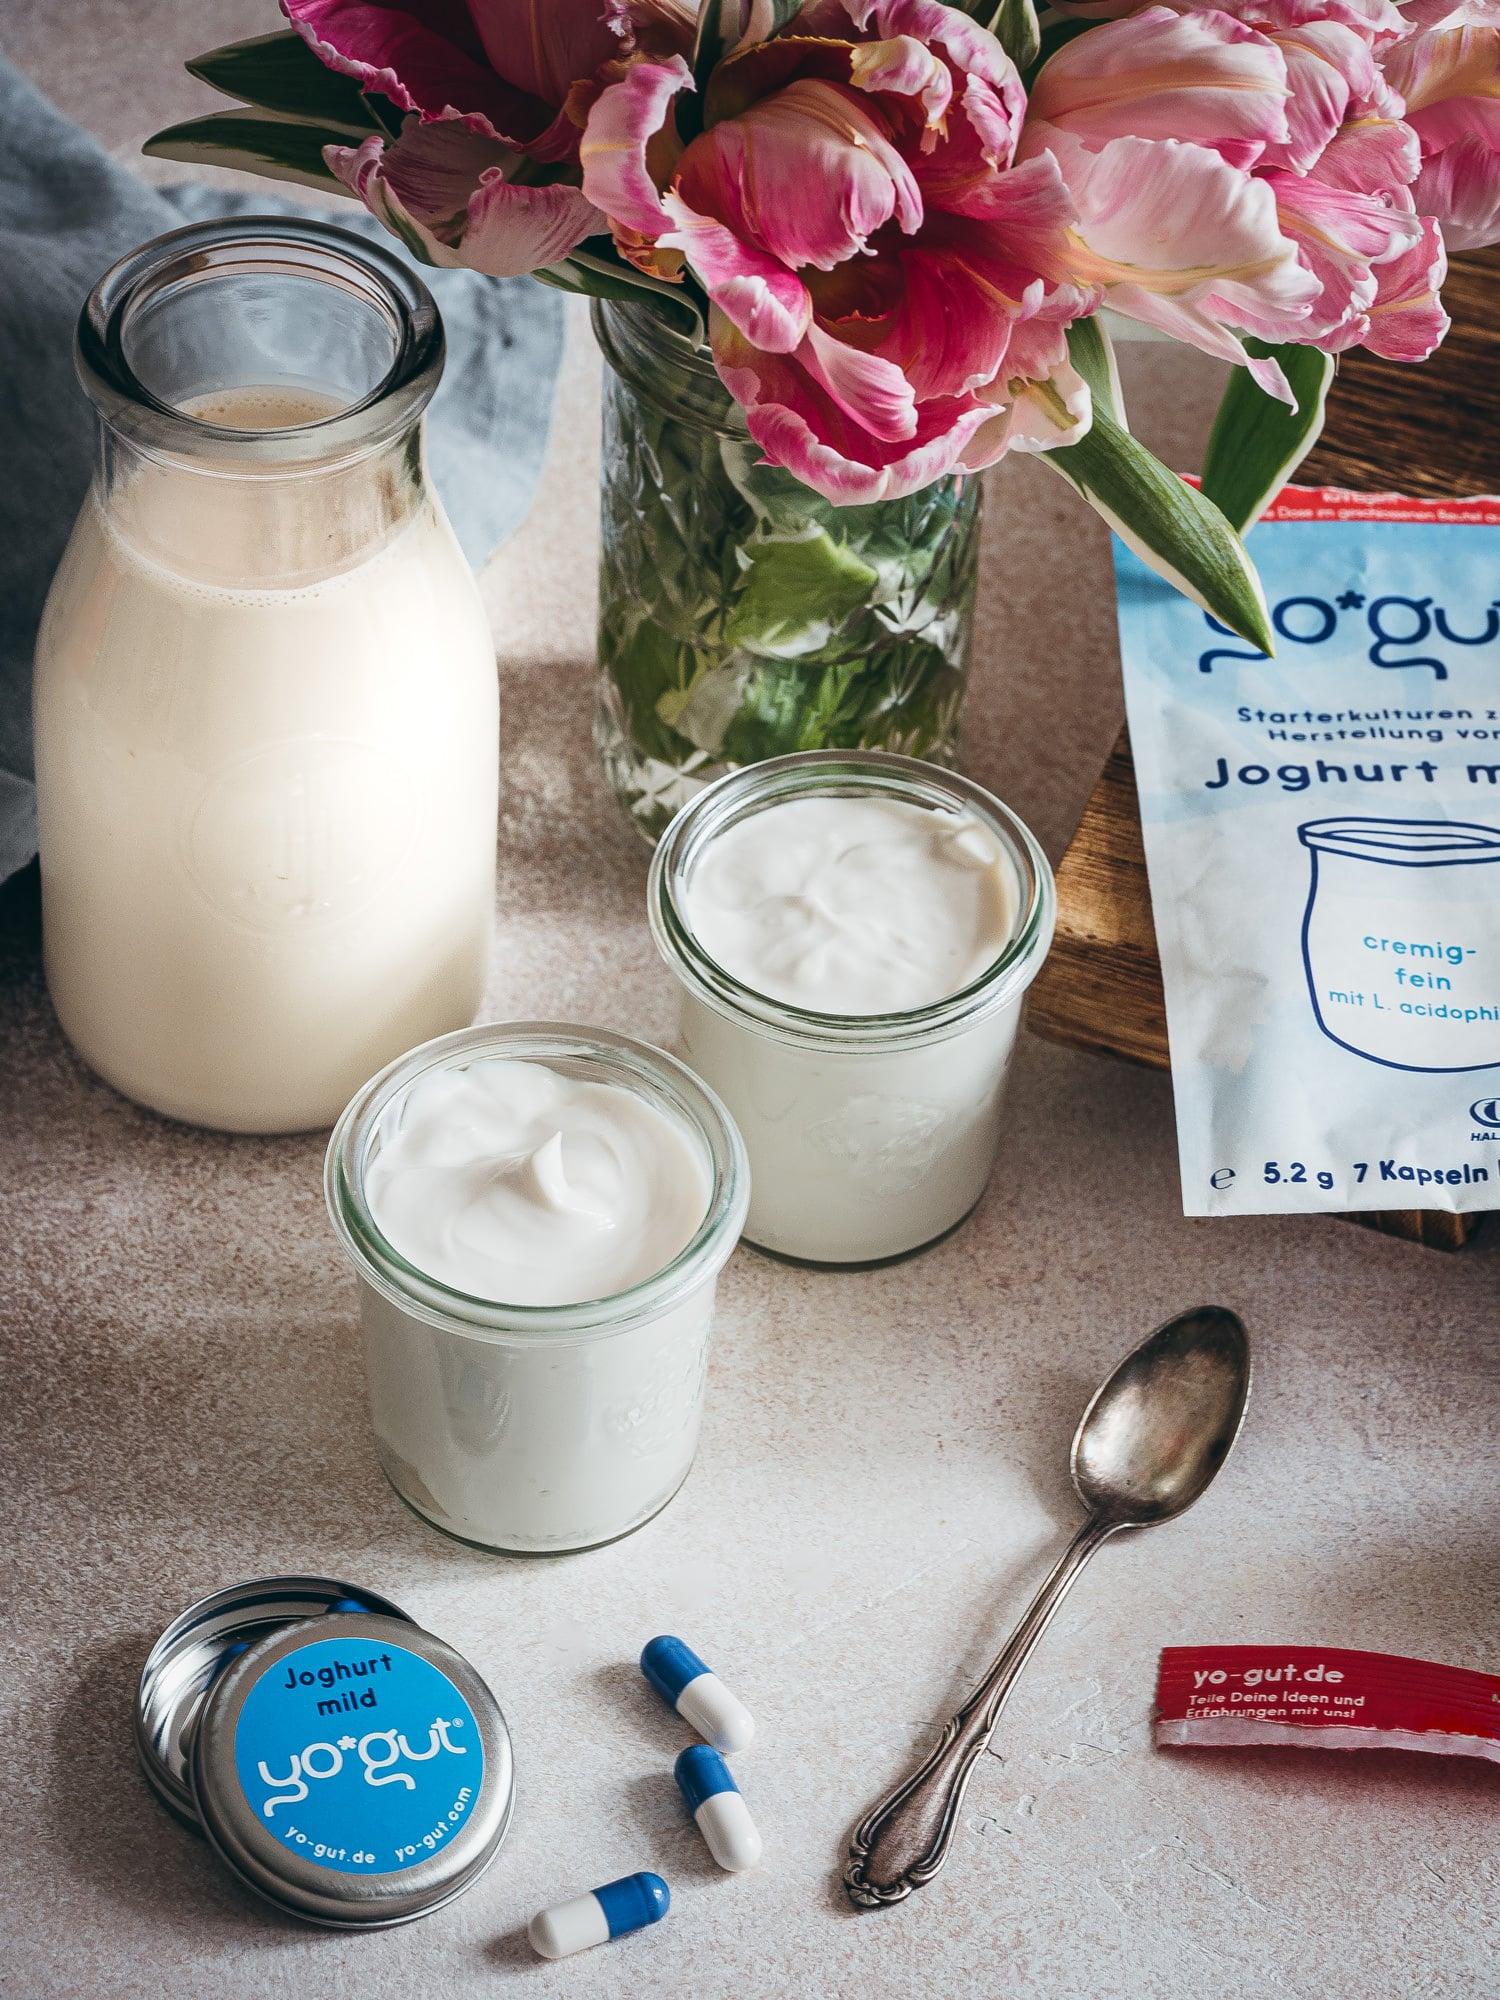 Joghurtkulturen und frischer Joghurt mit pflanzlicher Milch